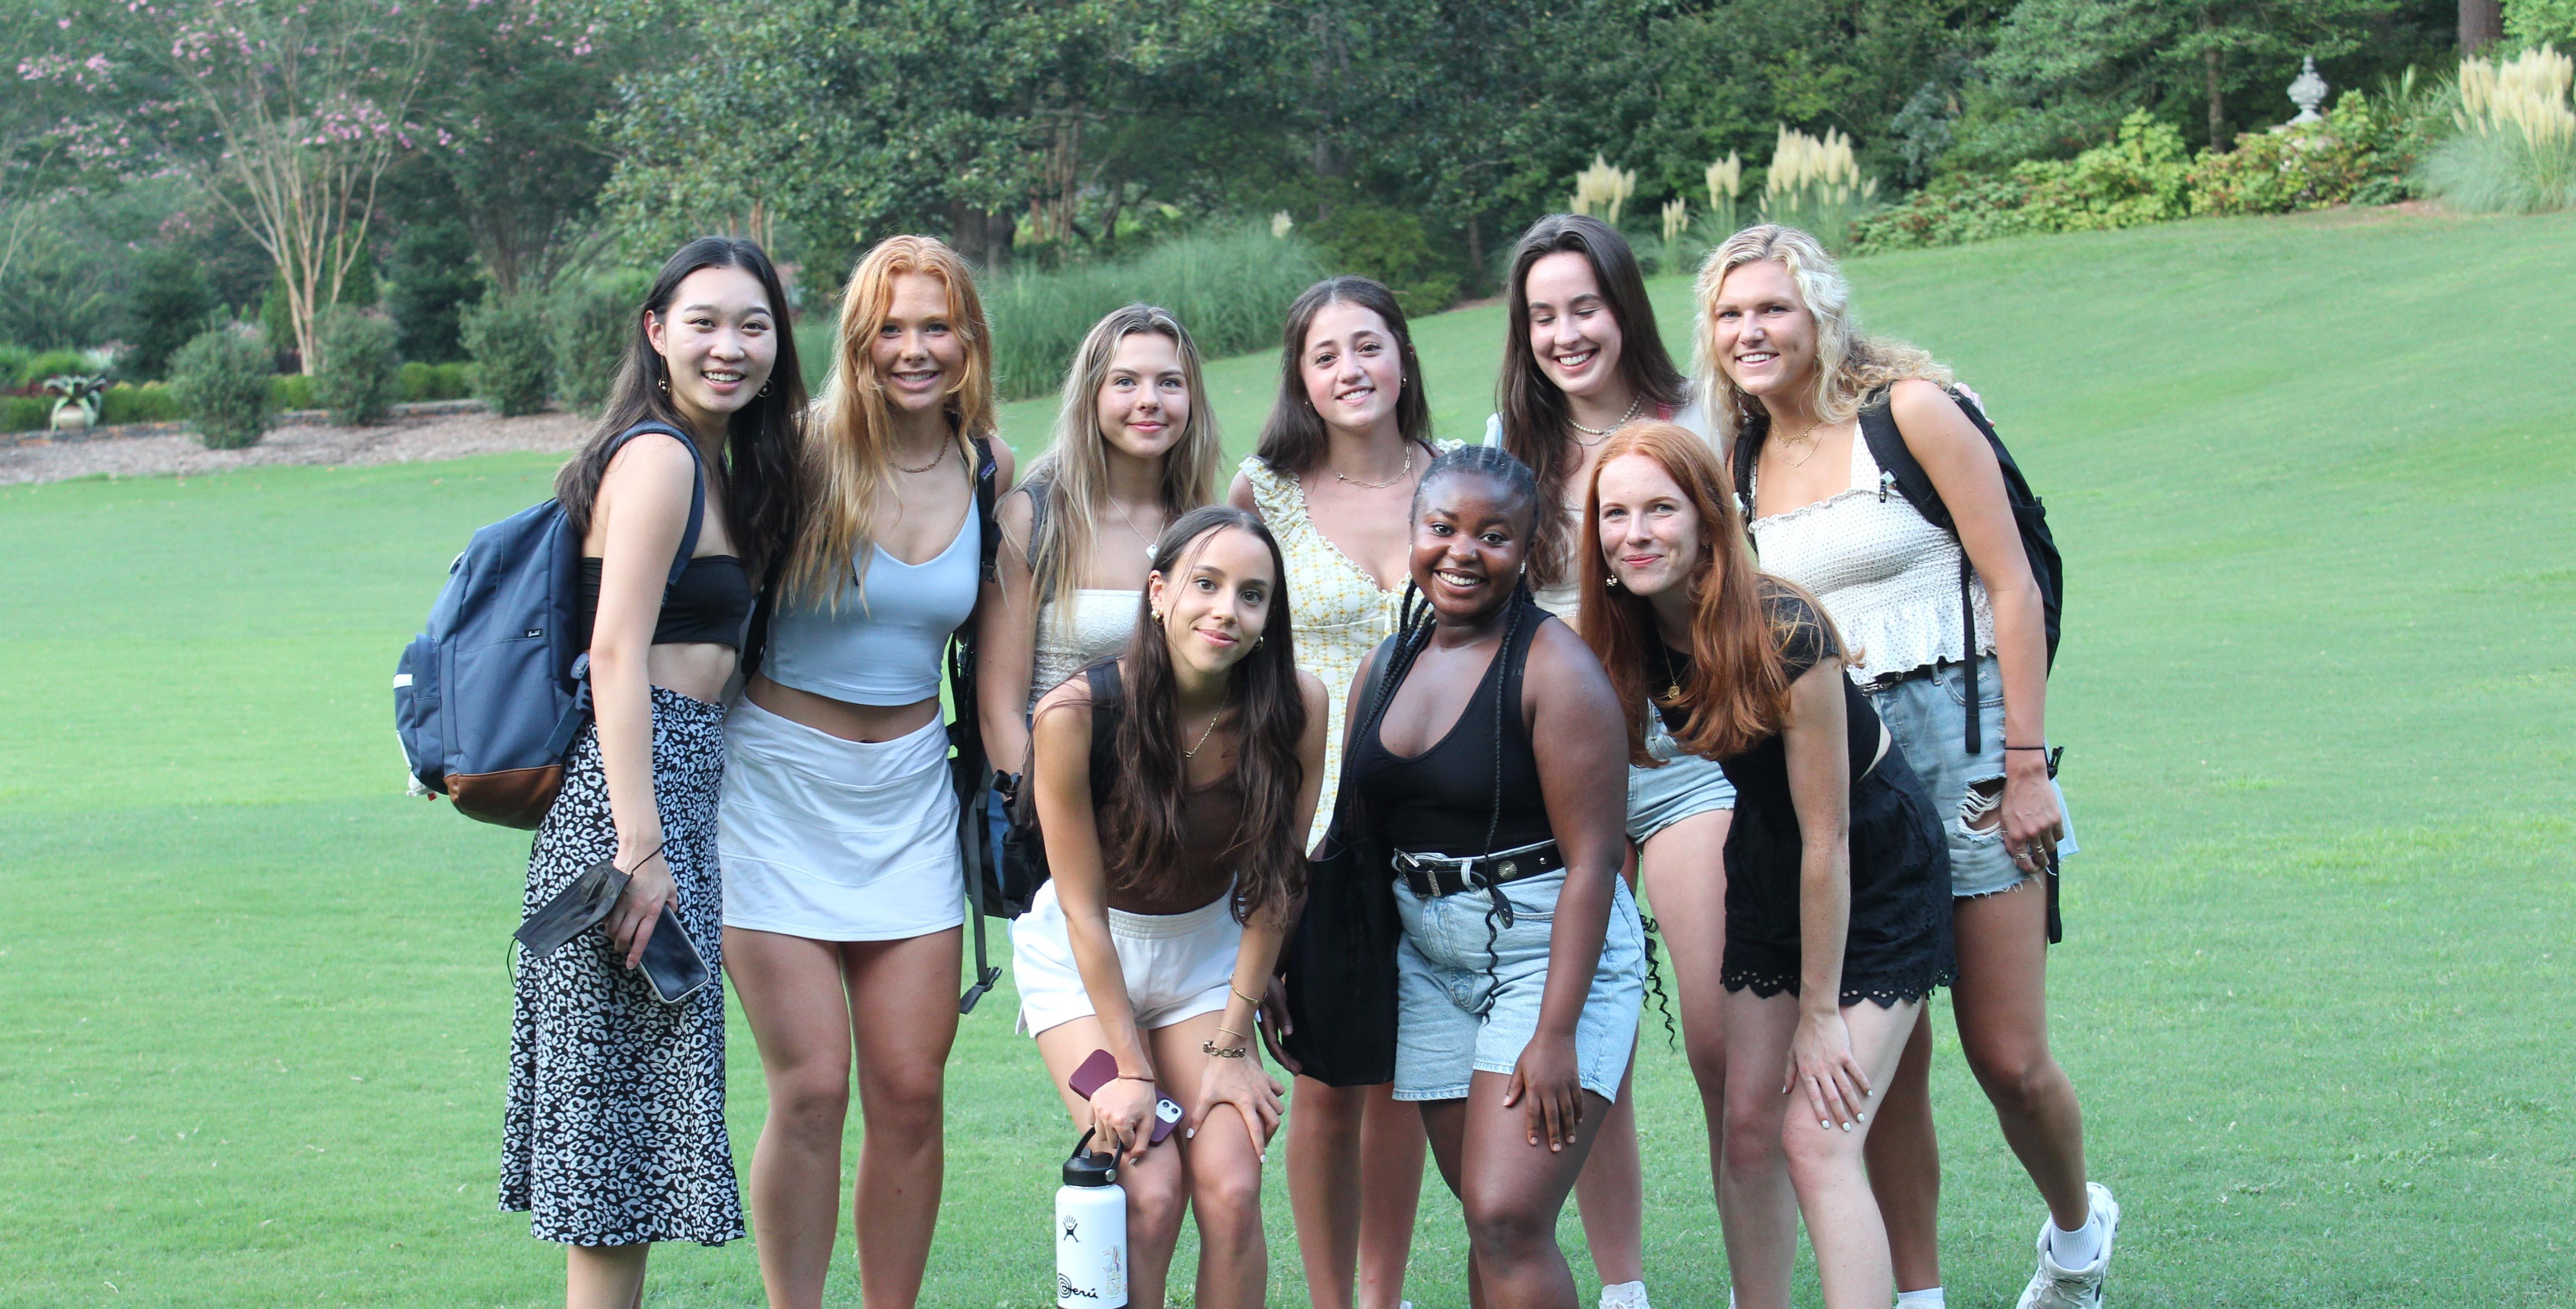 Group of TWN-Duke University women